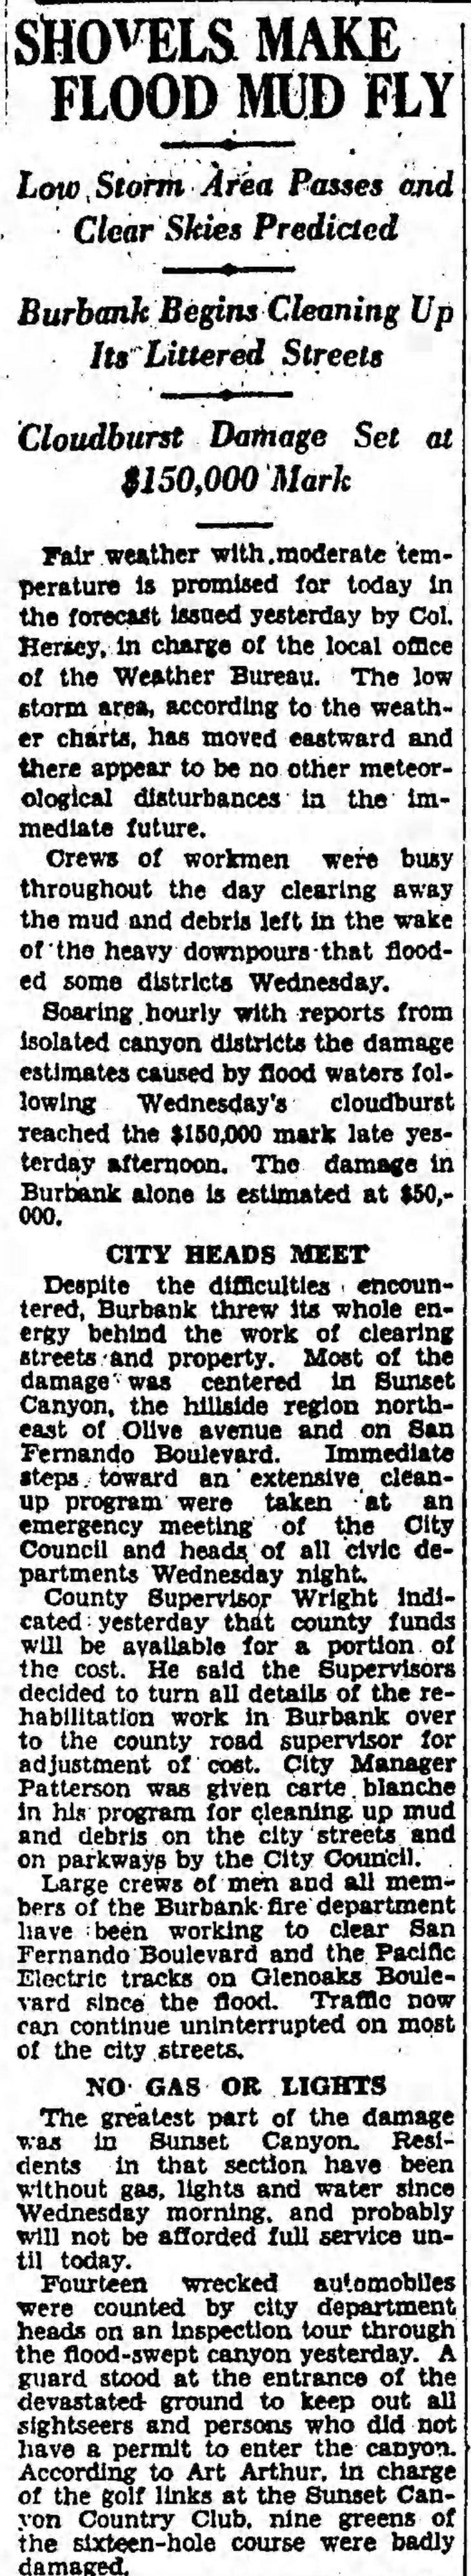 The_Los_Angeles_Times_Fri__Nov_16__1928_